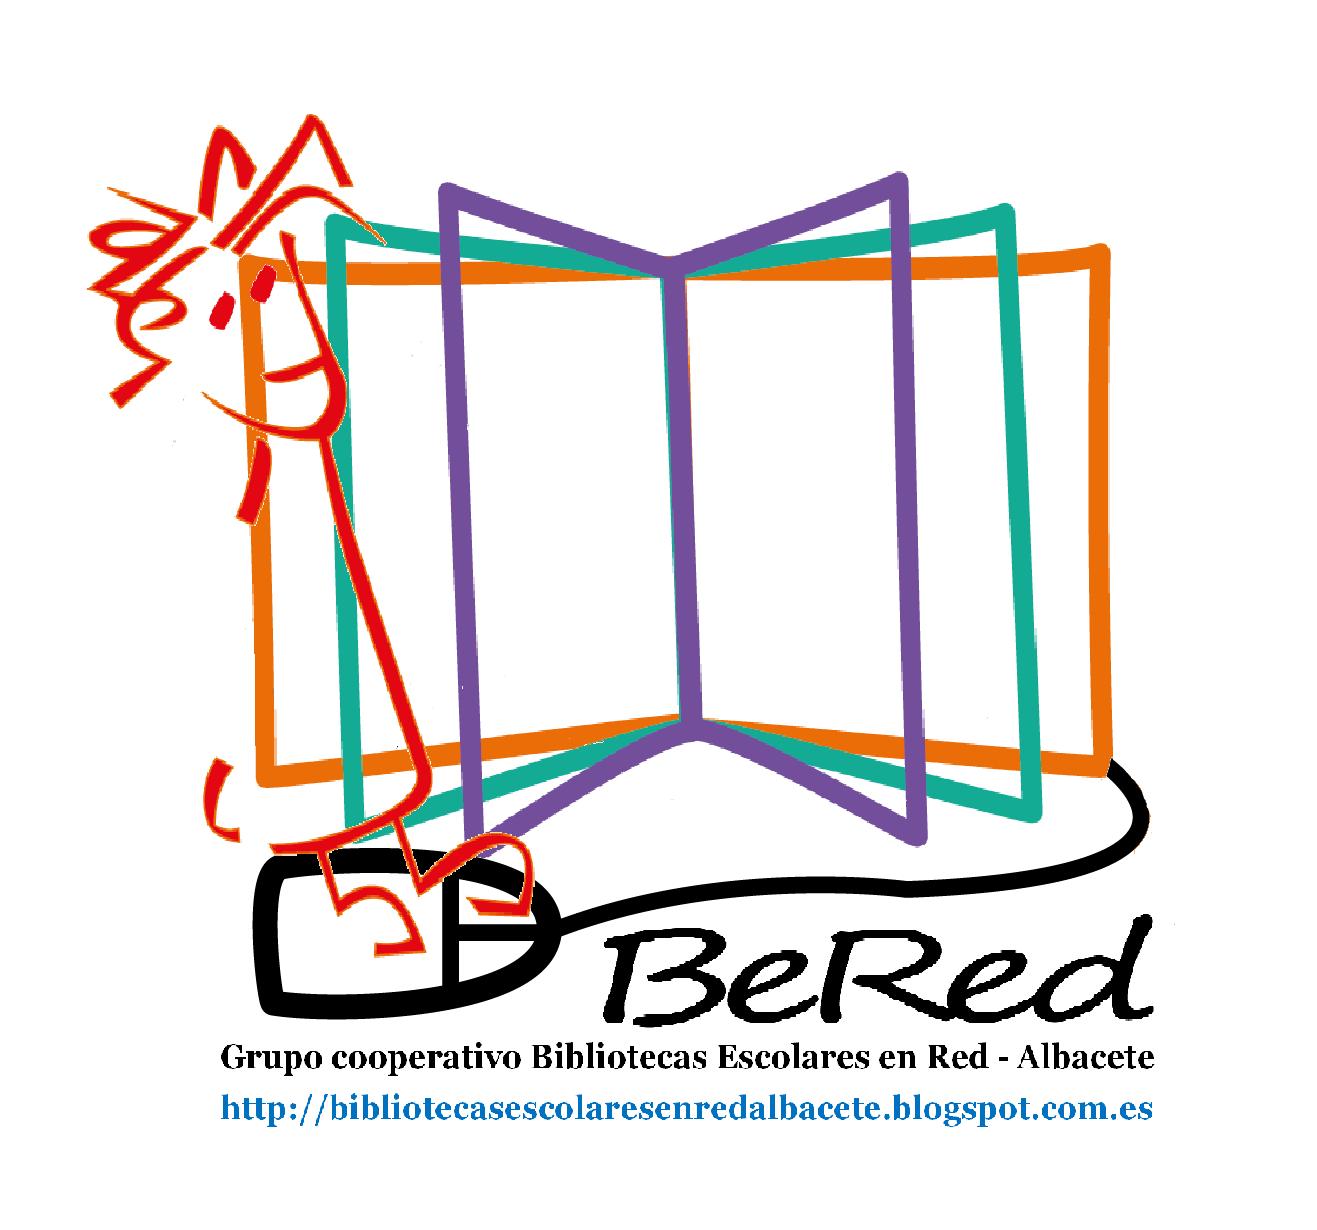 Participa en el grupo y luce nuestro logo en tu web o blog